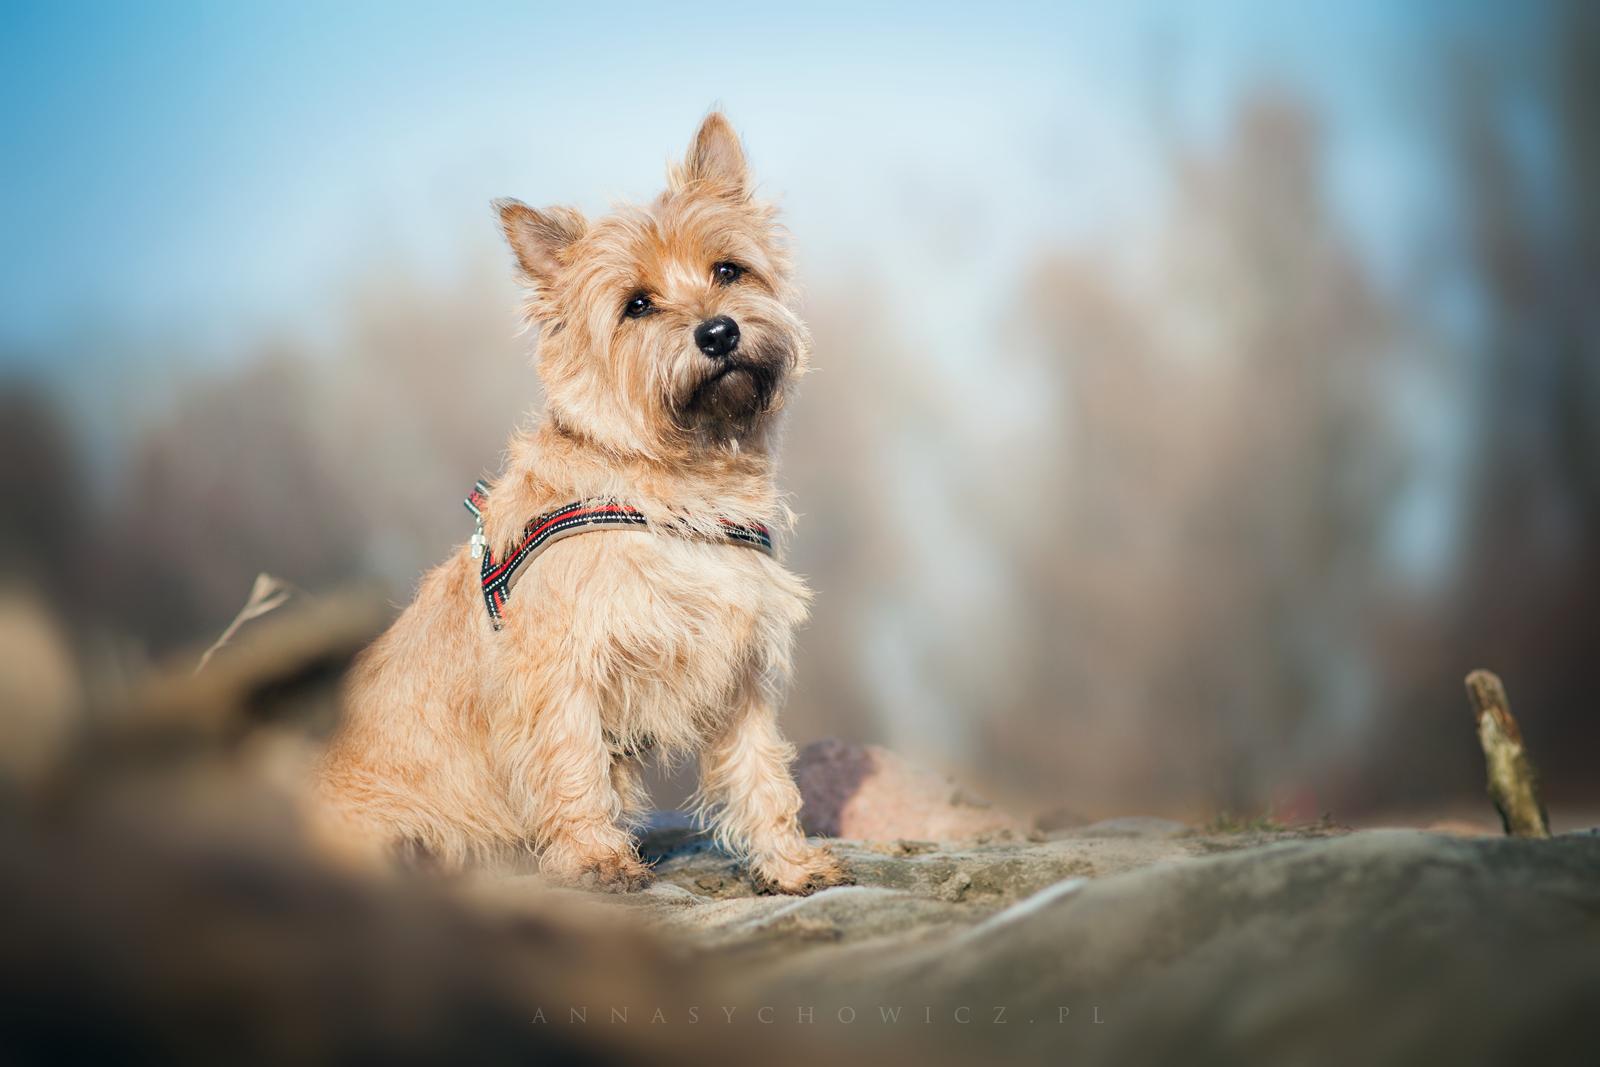 fotografia psów, zdjęcia psów, fotograf psów, zdjęcia zwierząt, foto-psy, fotopsy, foto psów, foto kotów, zdjęcia kotów, zdjęcia koni, foto konie, fotografia koni